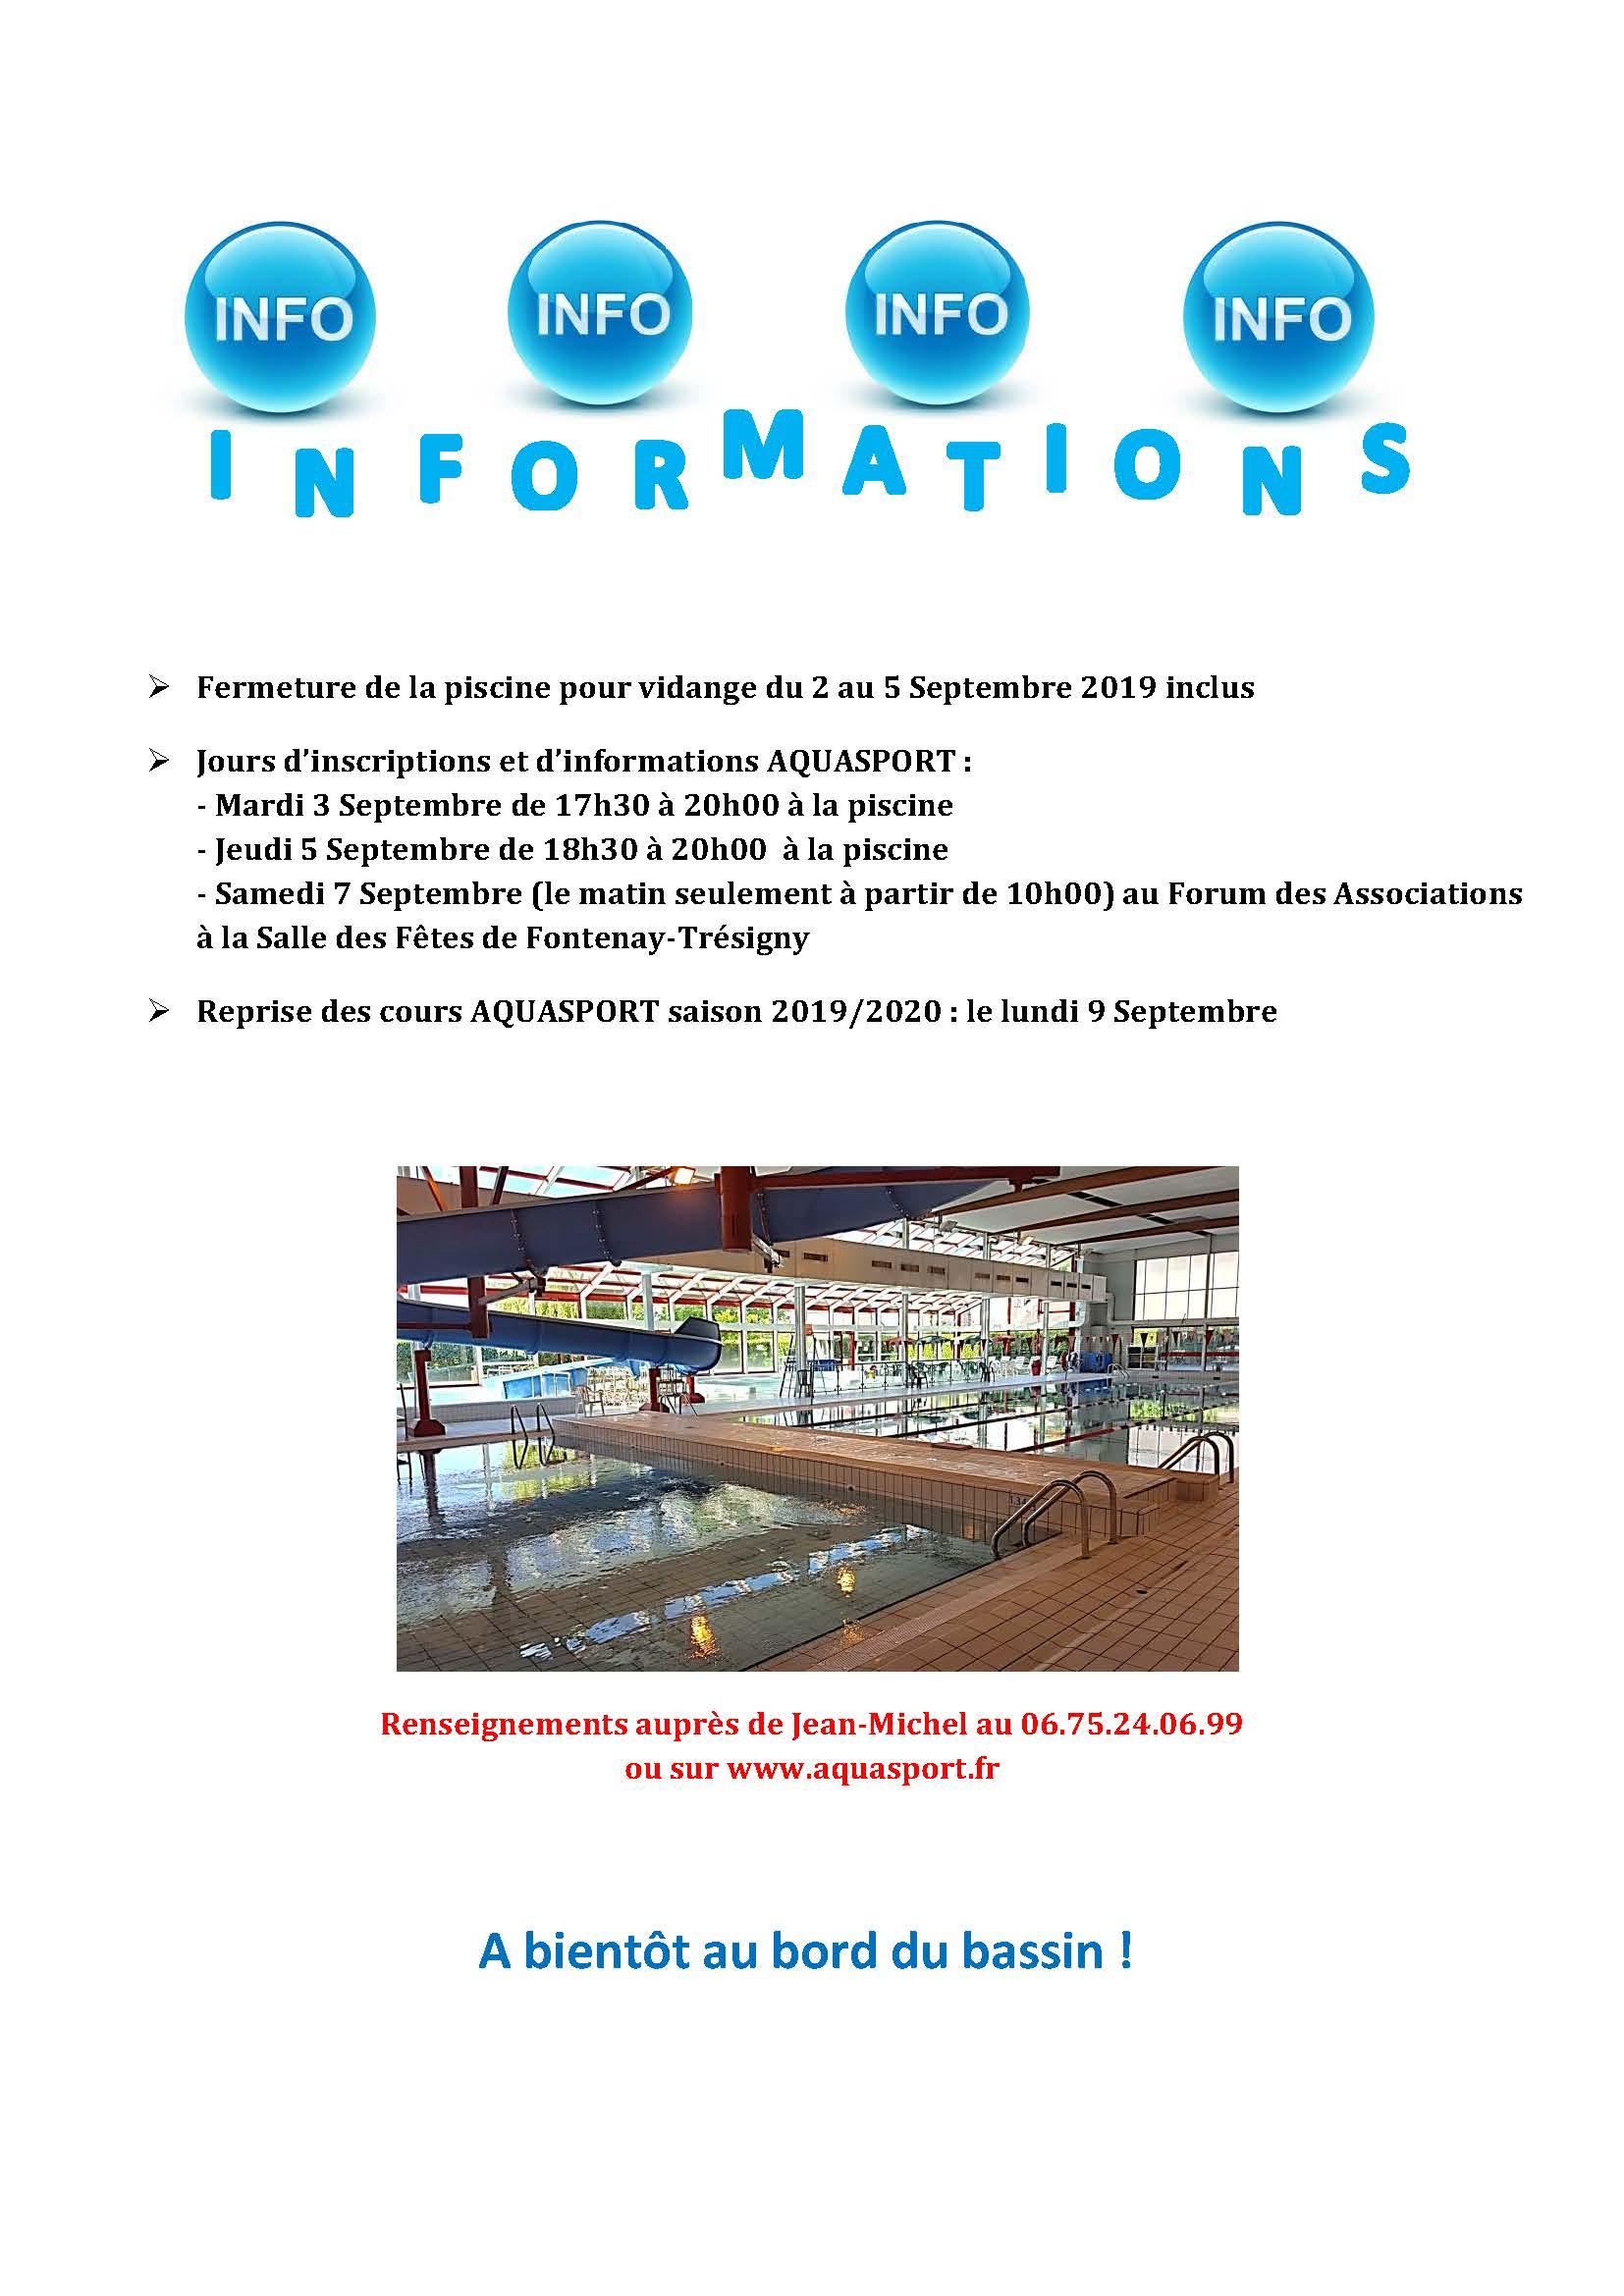 S De La Rentrée - Aquasport à Piscine De Fontenay Trésigny